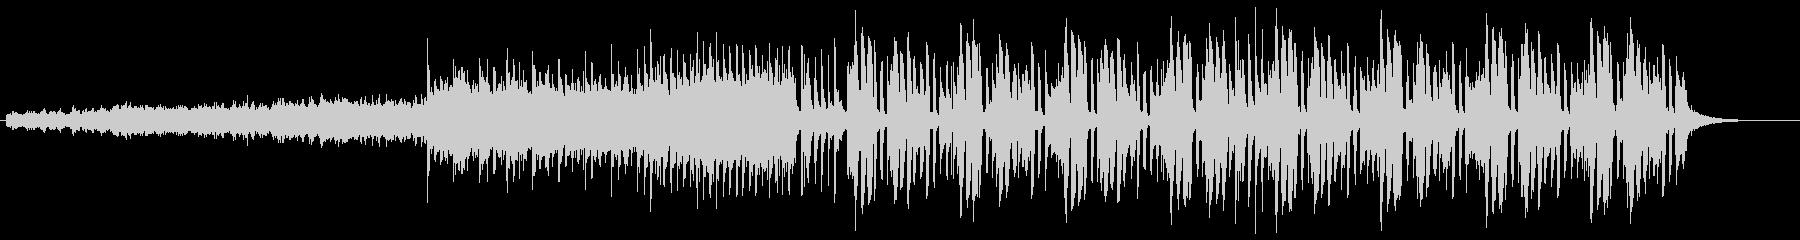 バウンド感のある変則ビートの未再生の波形